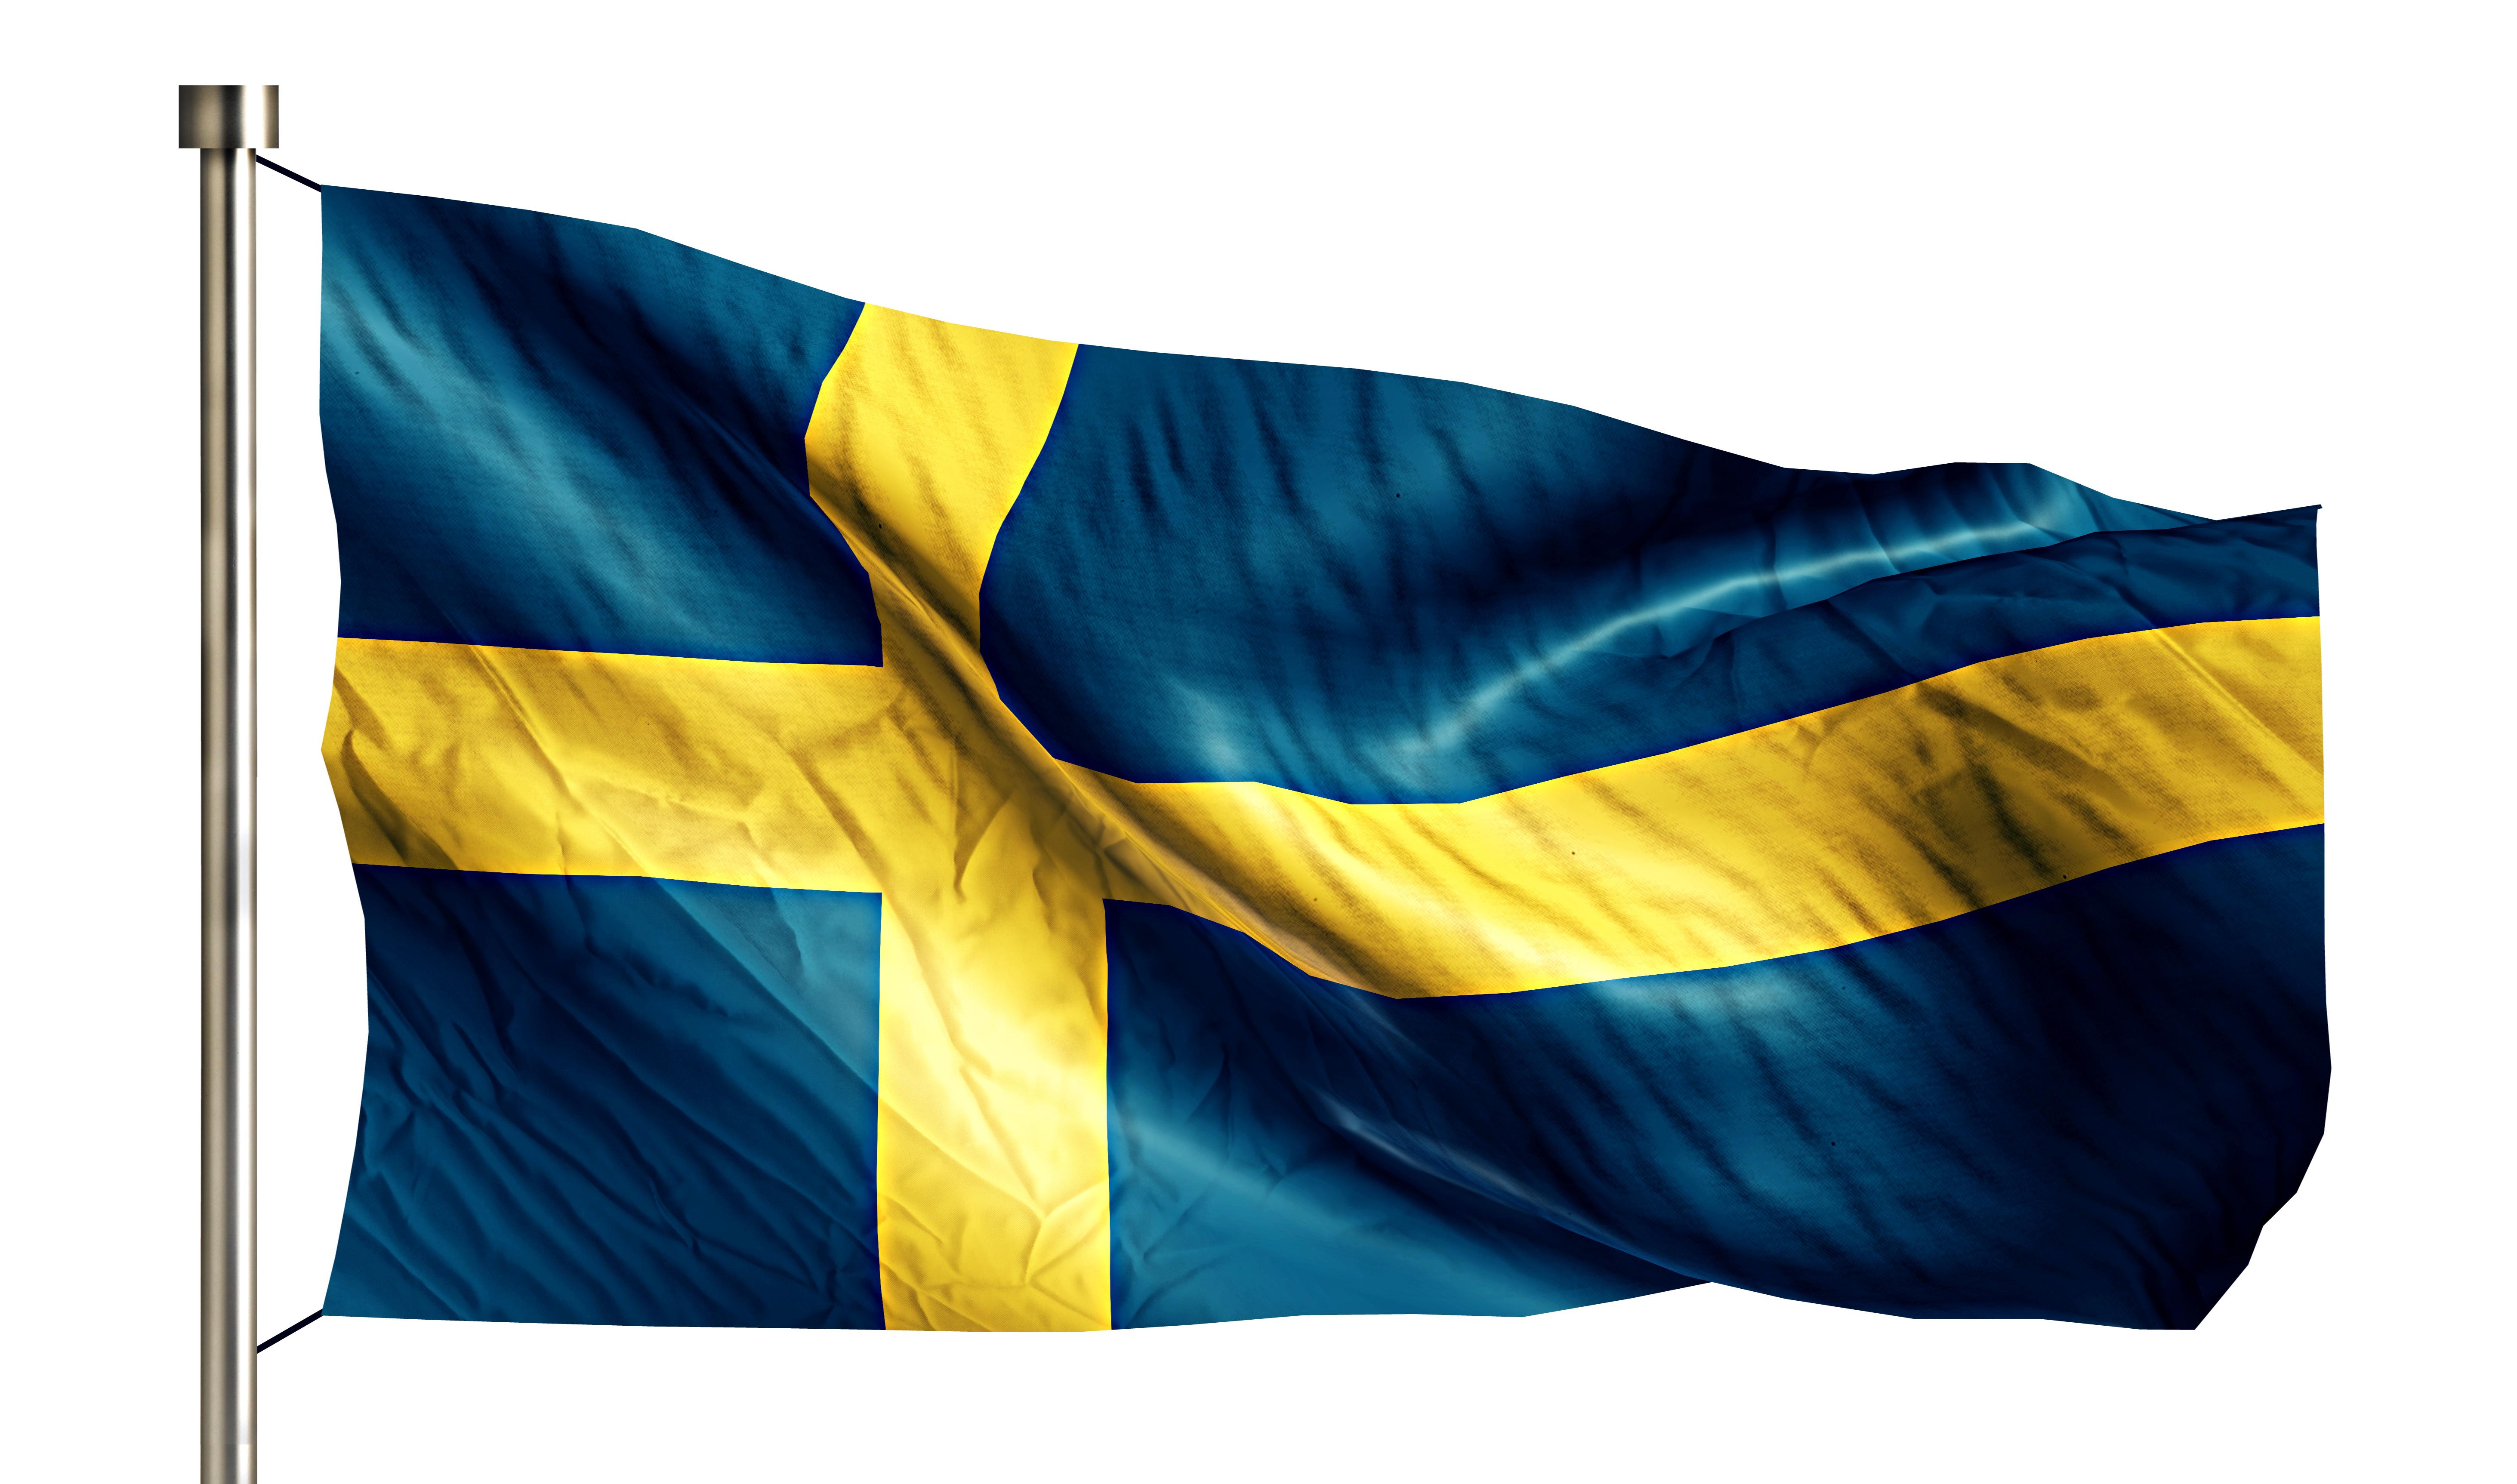 Traducciones especializadas en sueco